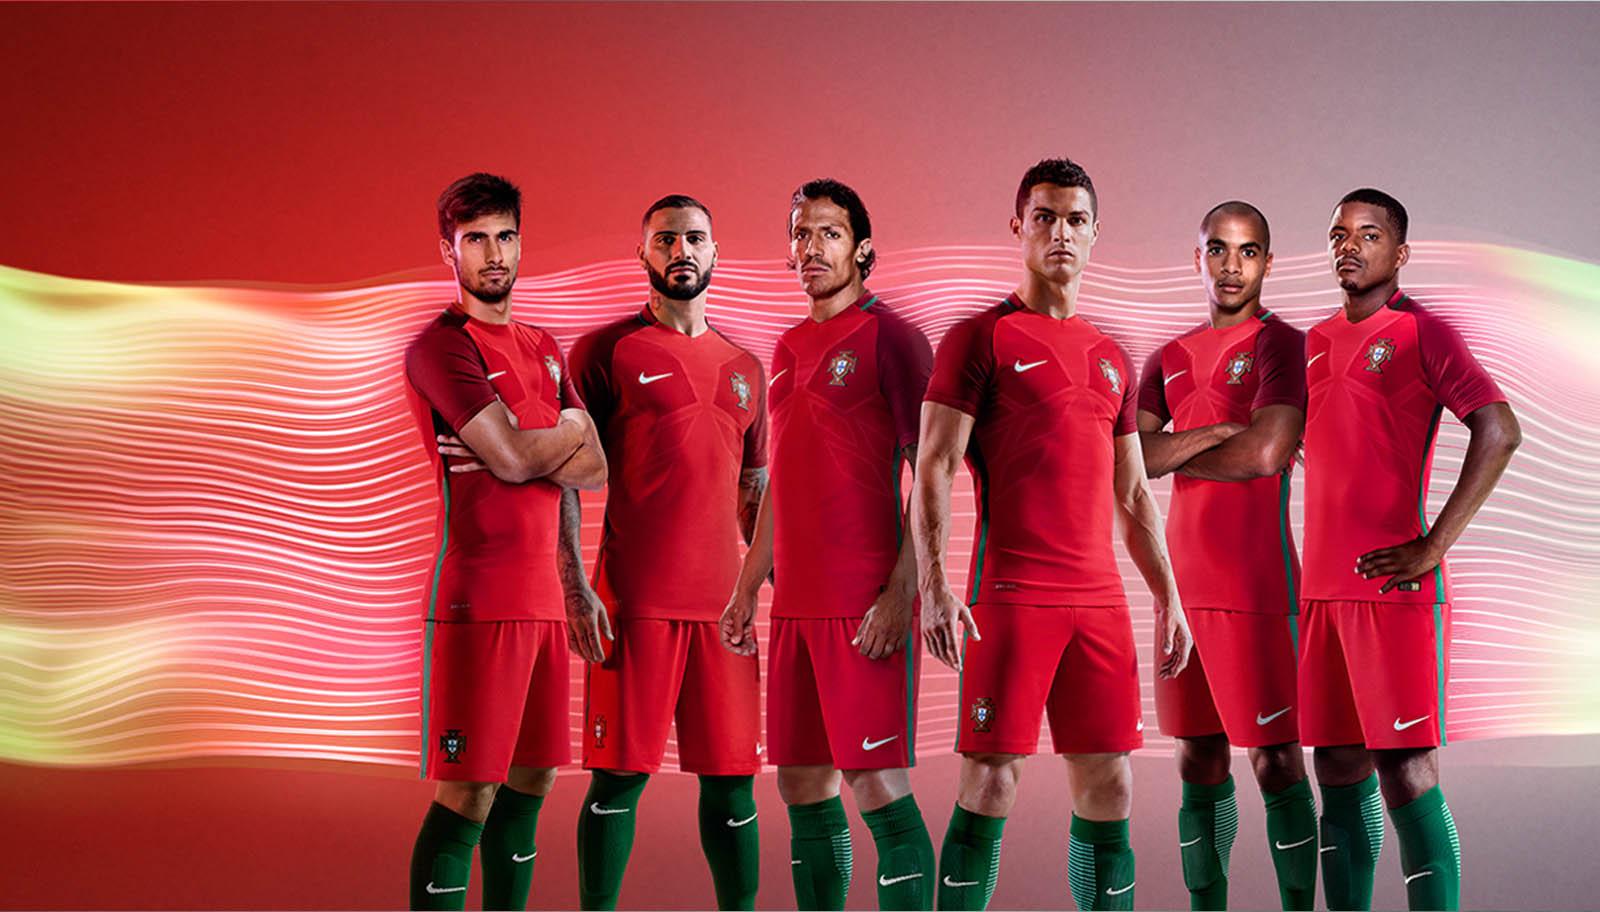 Сборная Португалии на ЕВРО-2016